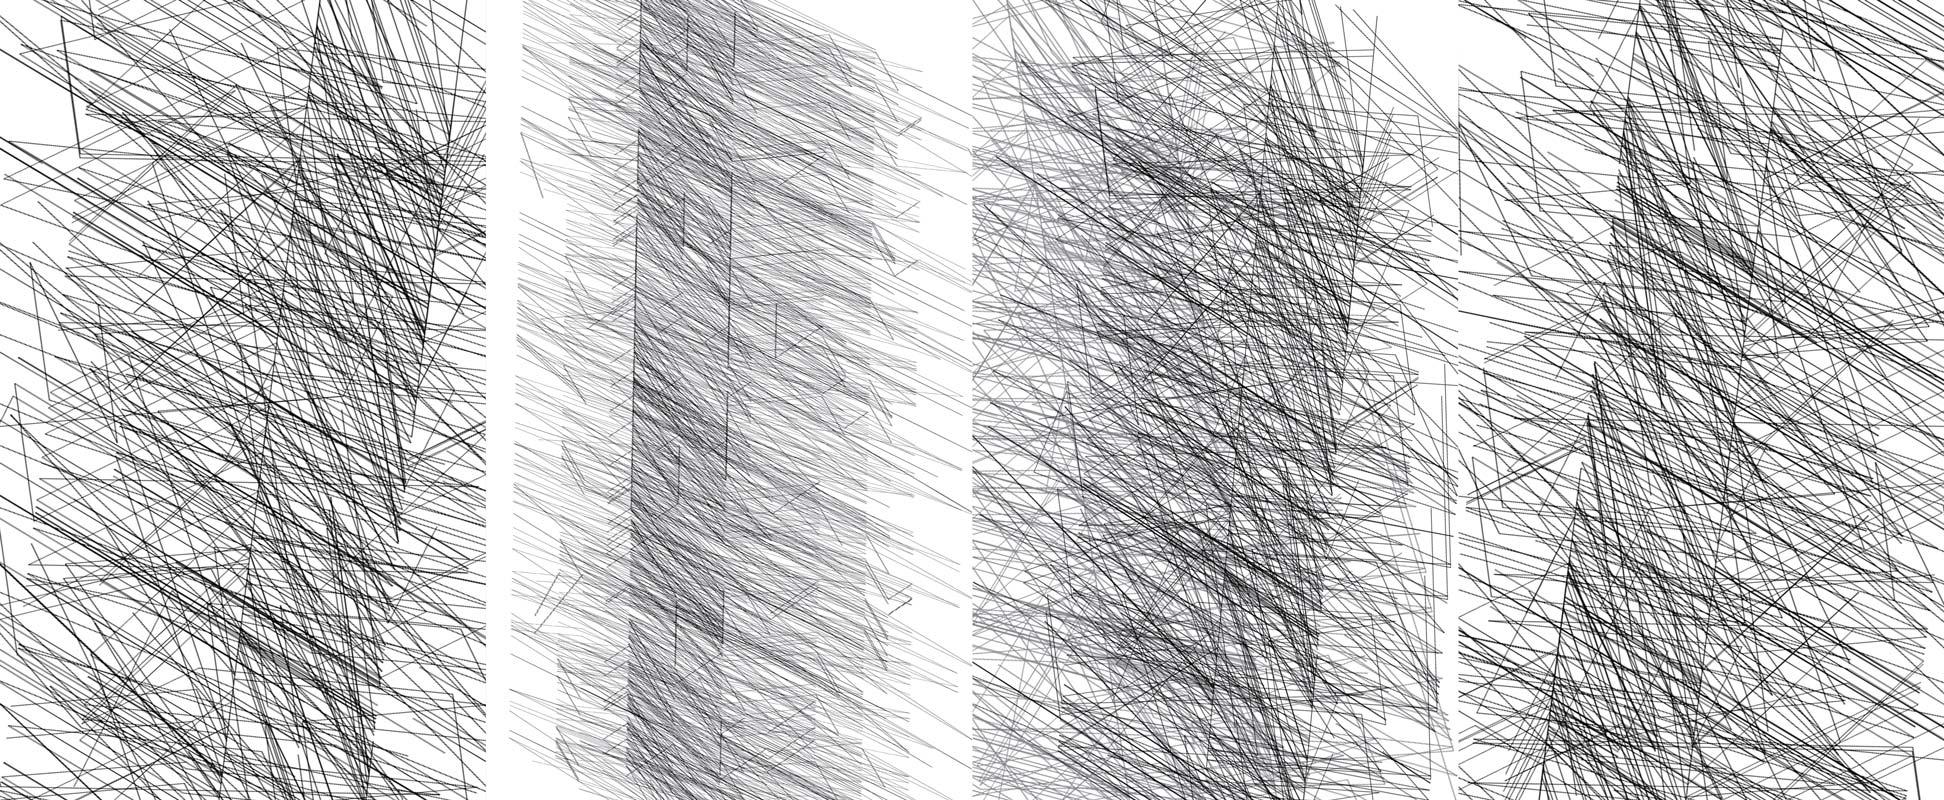 Herwig Steiner(1956L), Konzeptuelle Zeichnung{34}, Ausschnittkonstellation 12 Textbewegungsprotokoll, 2019